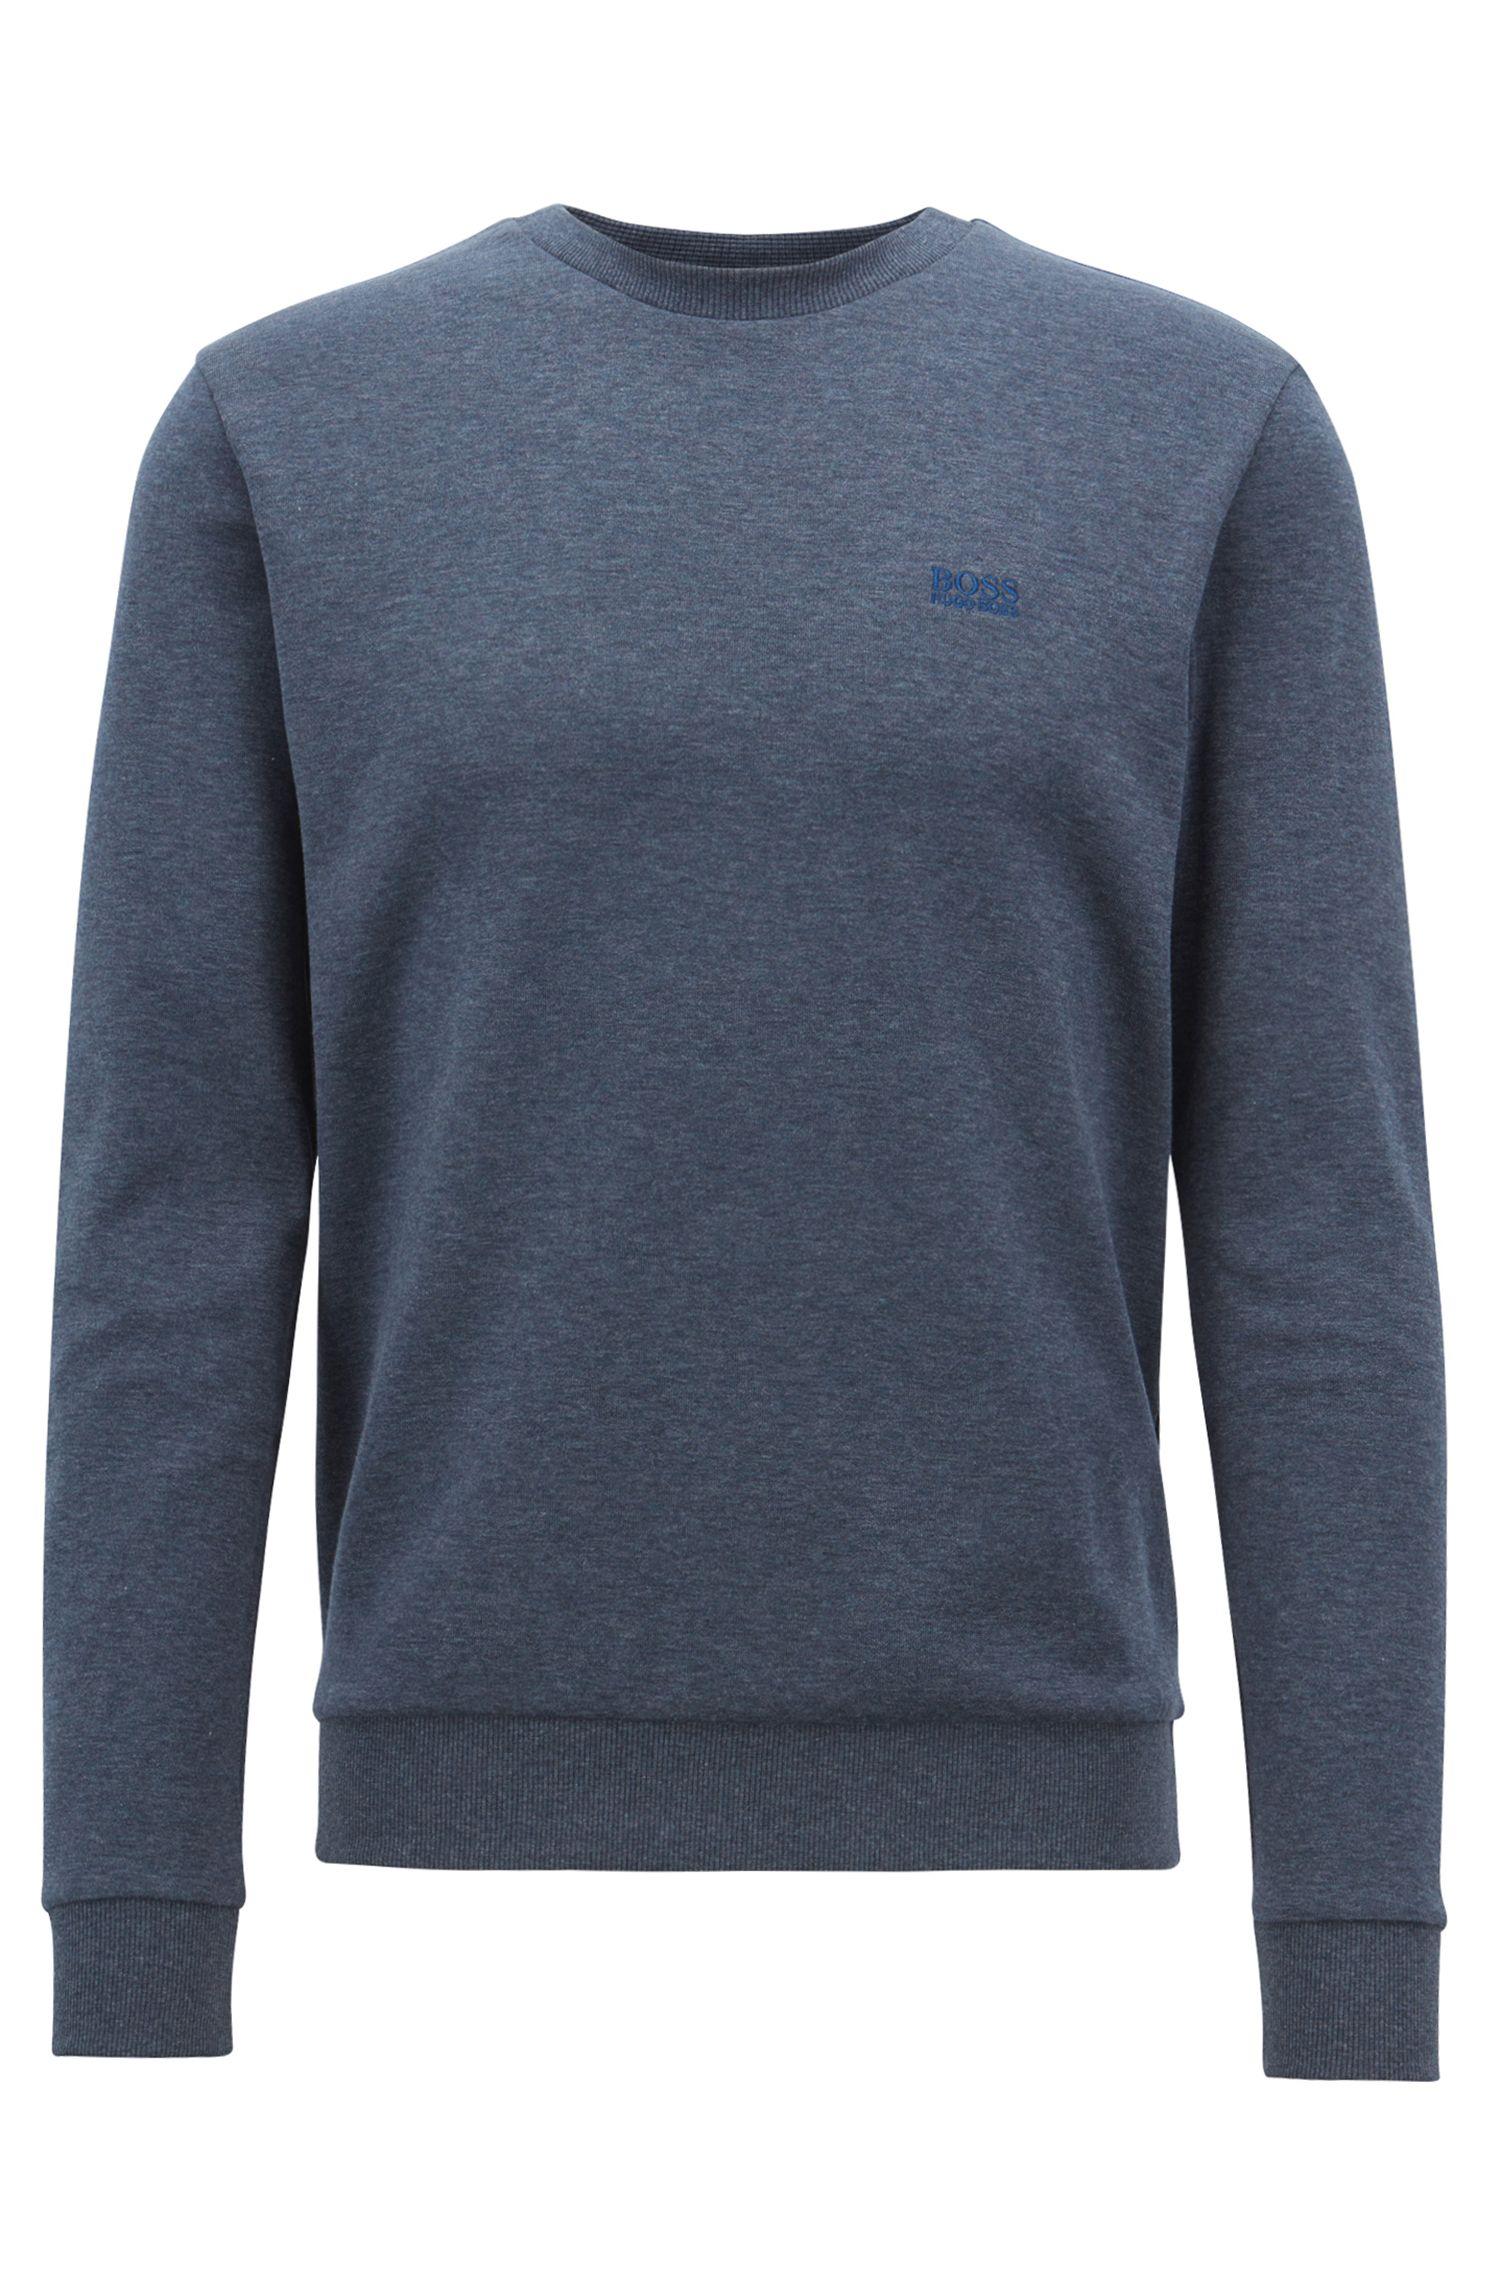 Sweatshirt aus zweiseitigem Baumwoll-Mix mit Rundhalsausschnitt, Dunkelblau